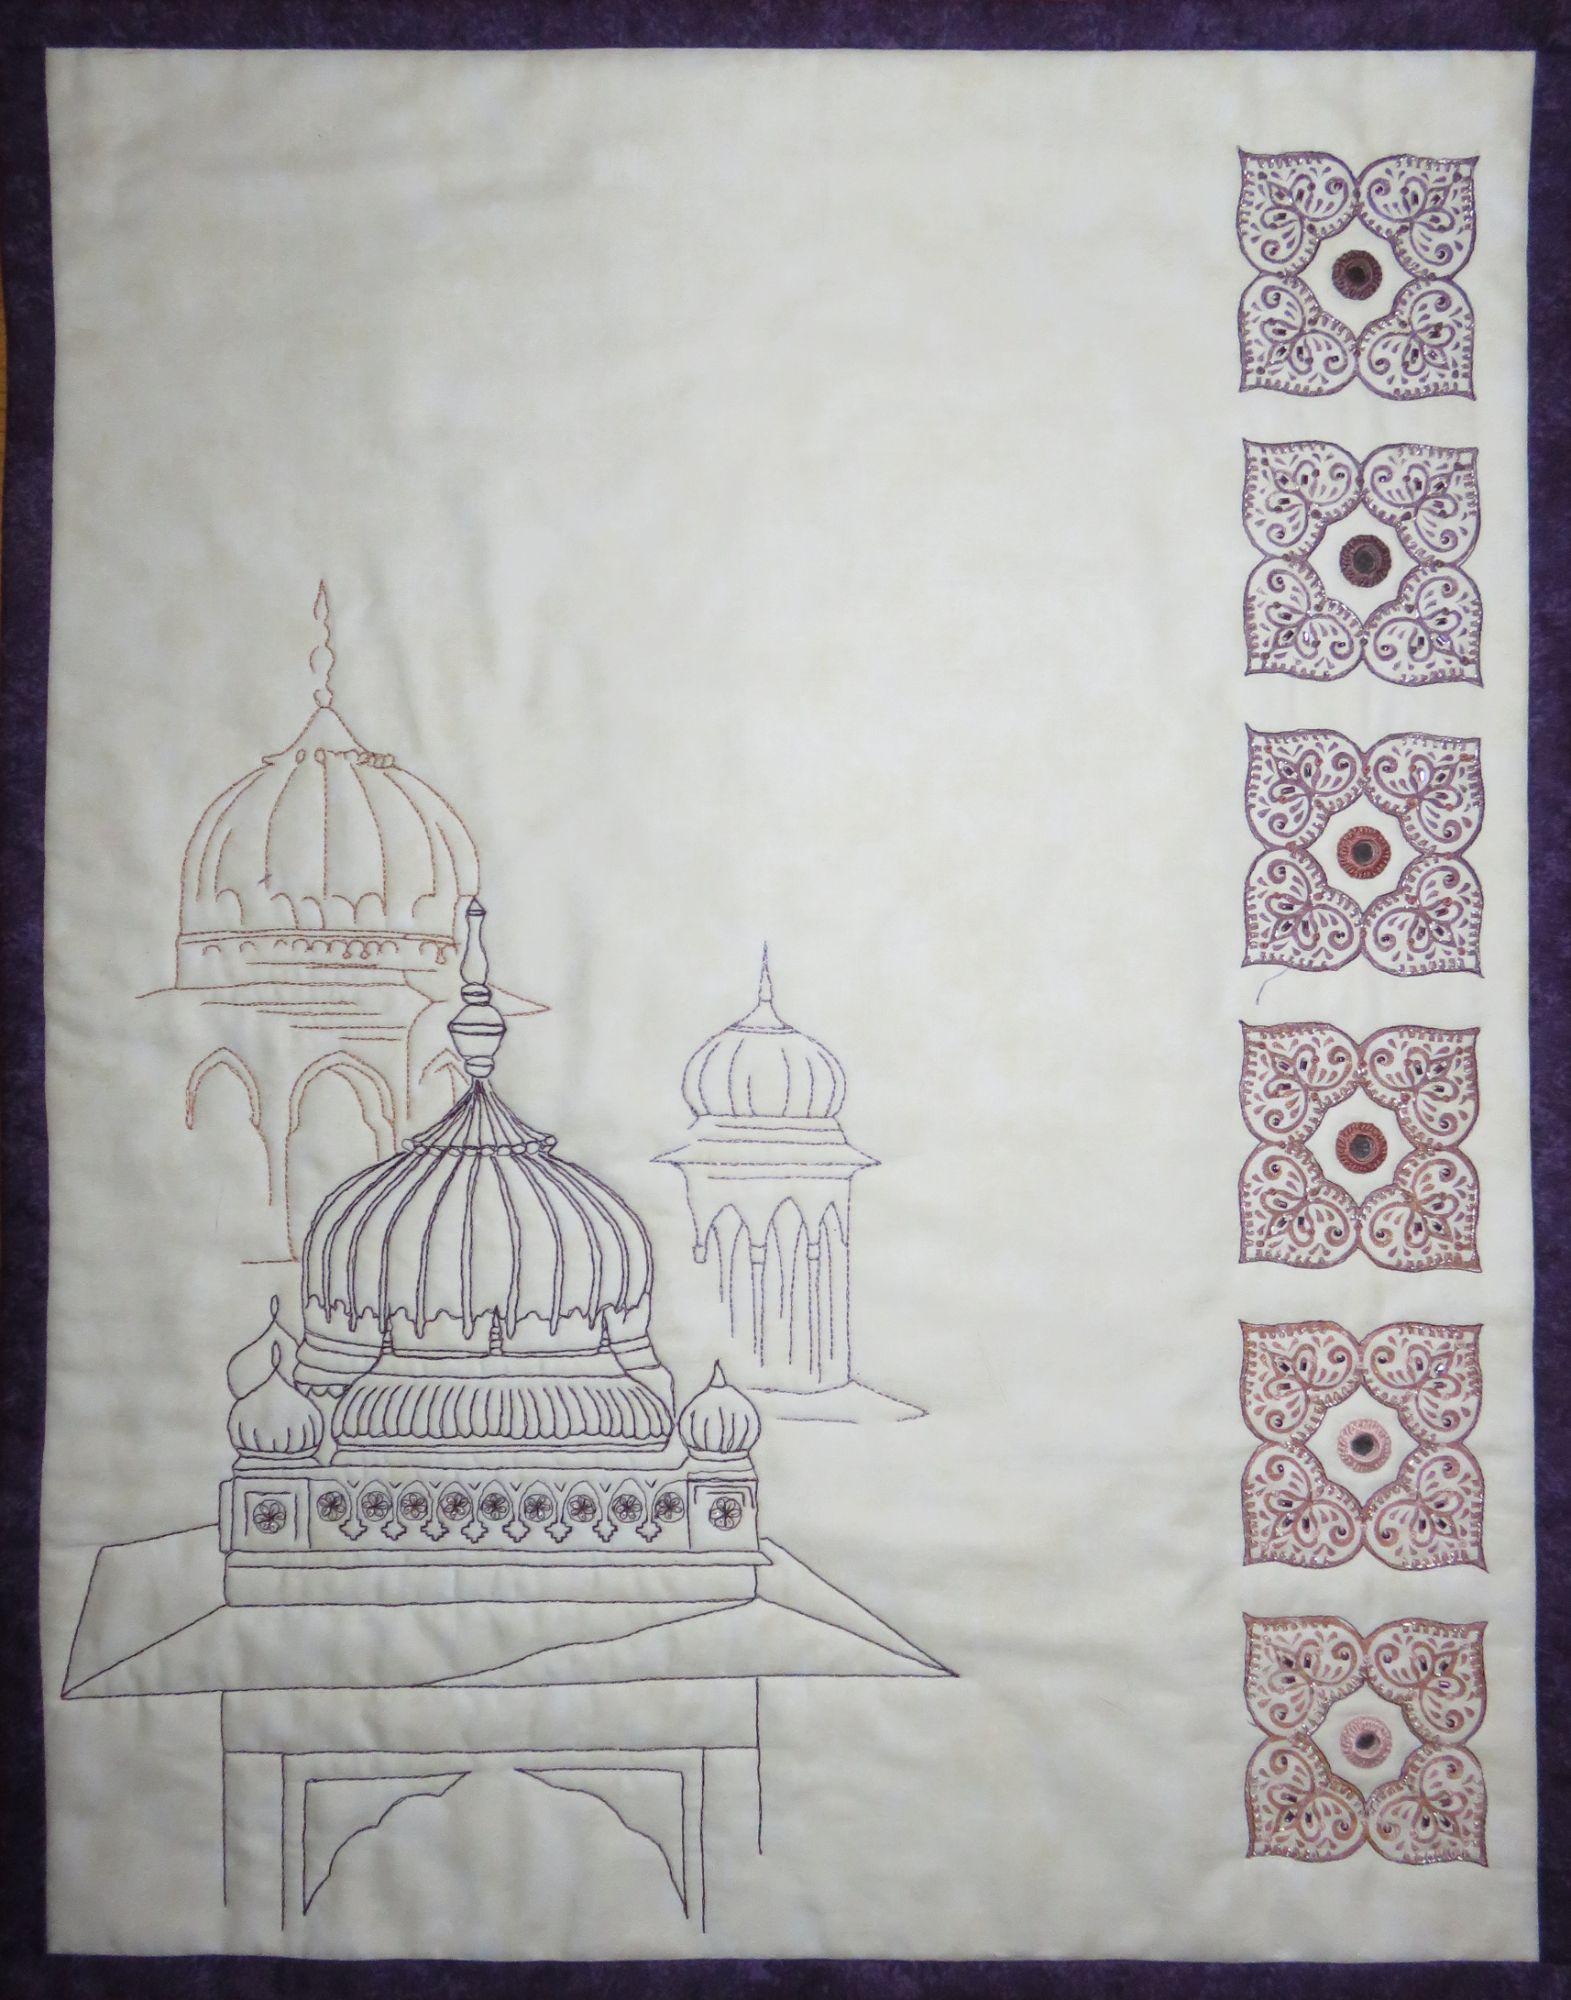 Memories of Jaipur